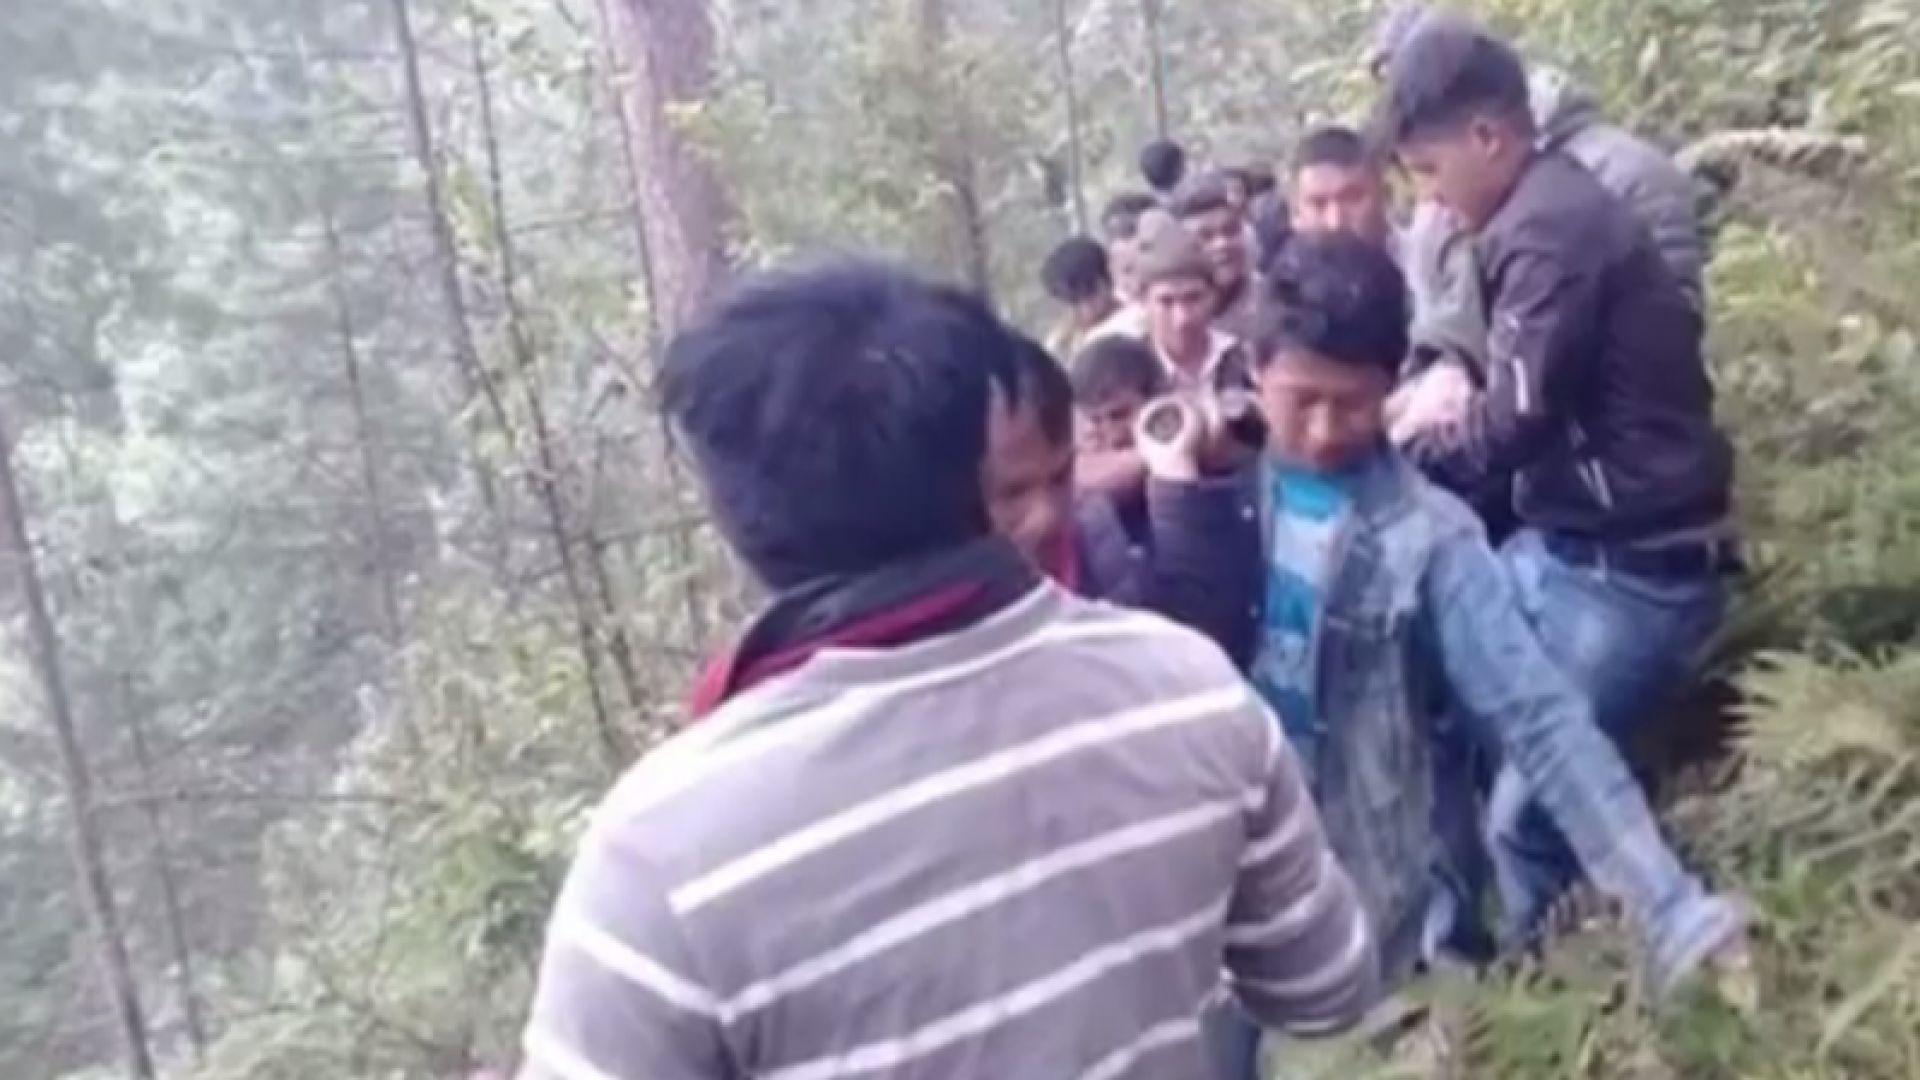 Автобус падна в клисура в Непал, поне 18 са жертвите, сред тях и 2 бебета